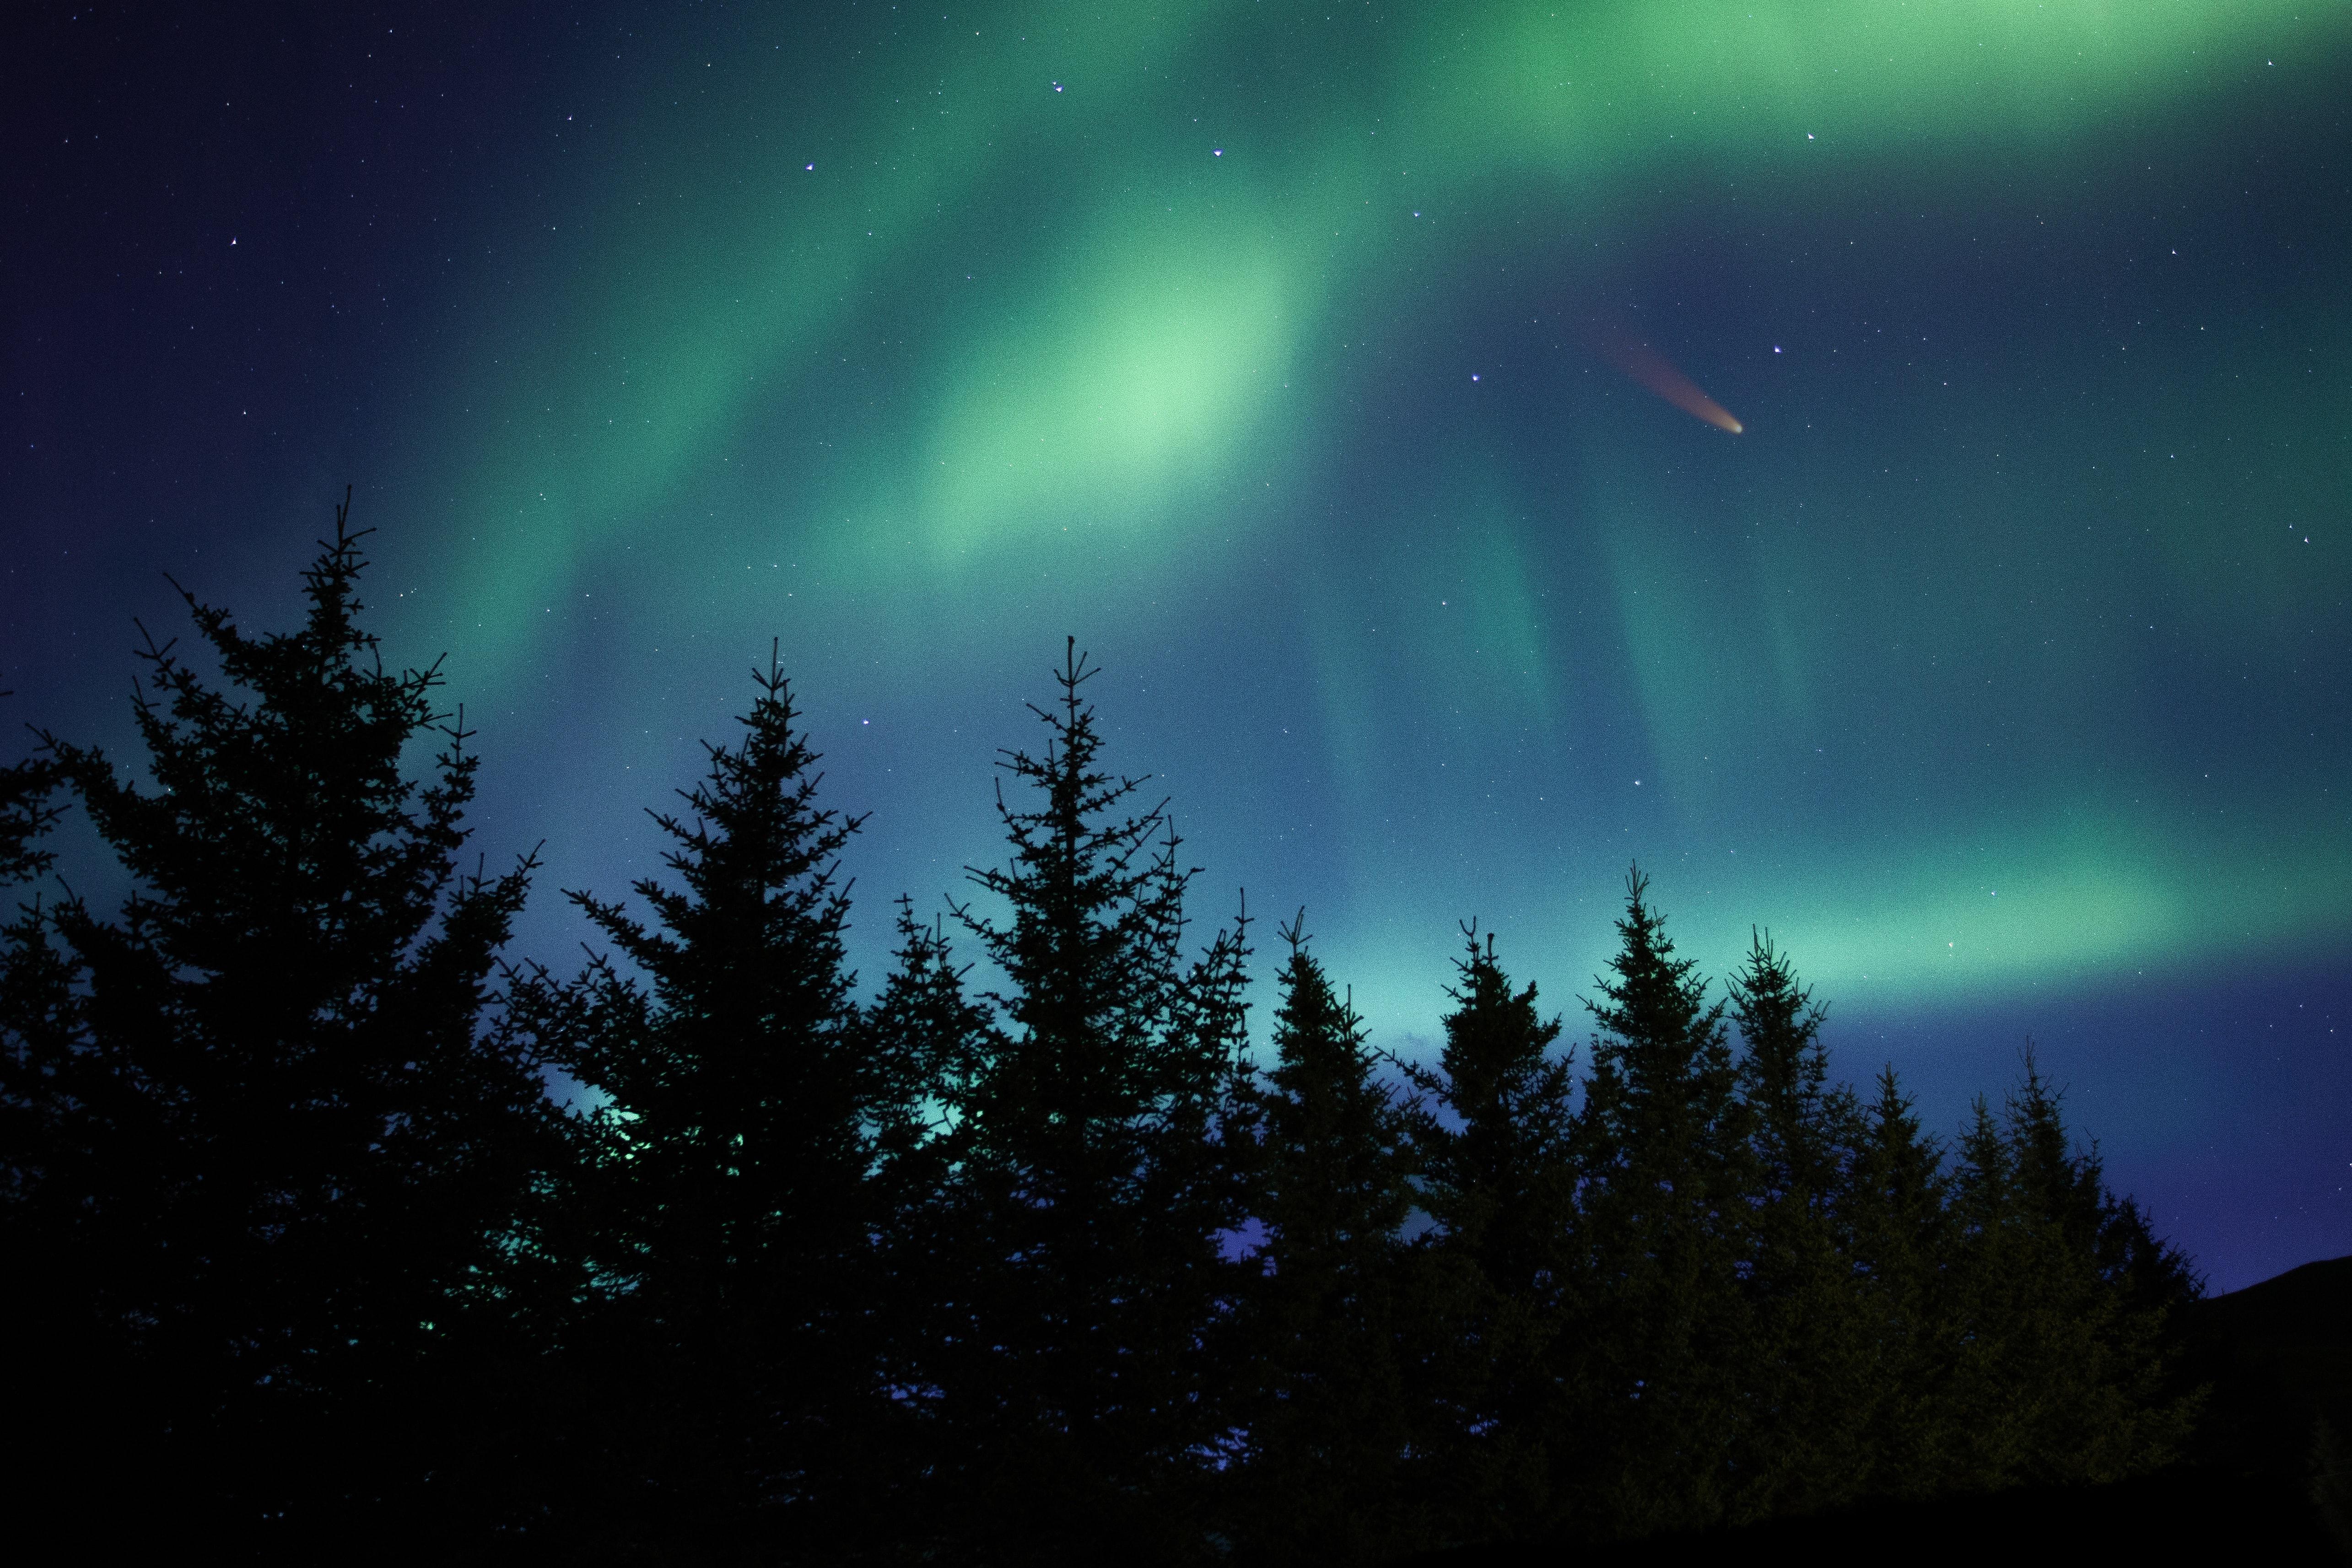 127597 обои 1080x2340 на телефон бесплатно, скачать картинки Природа, Деревья, Ночь, Ель, Северное Сияние 1080x2340 на мобильный